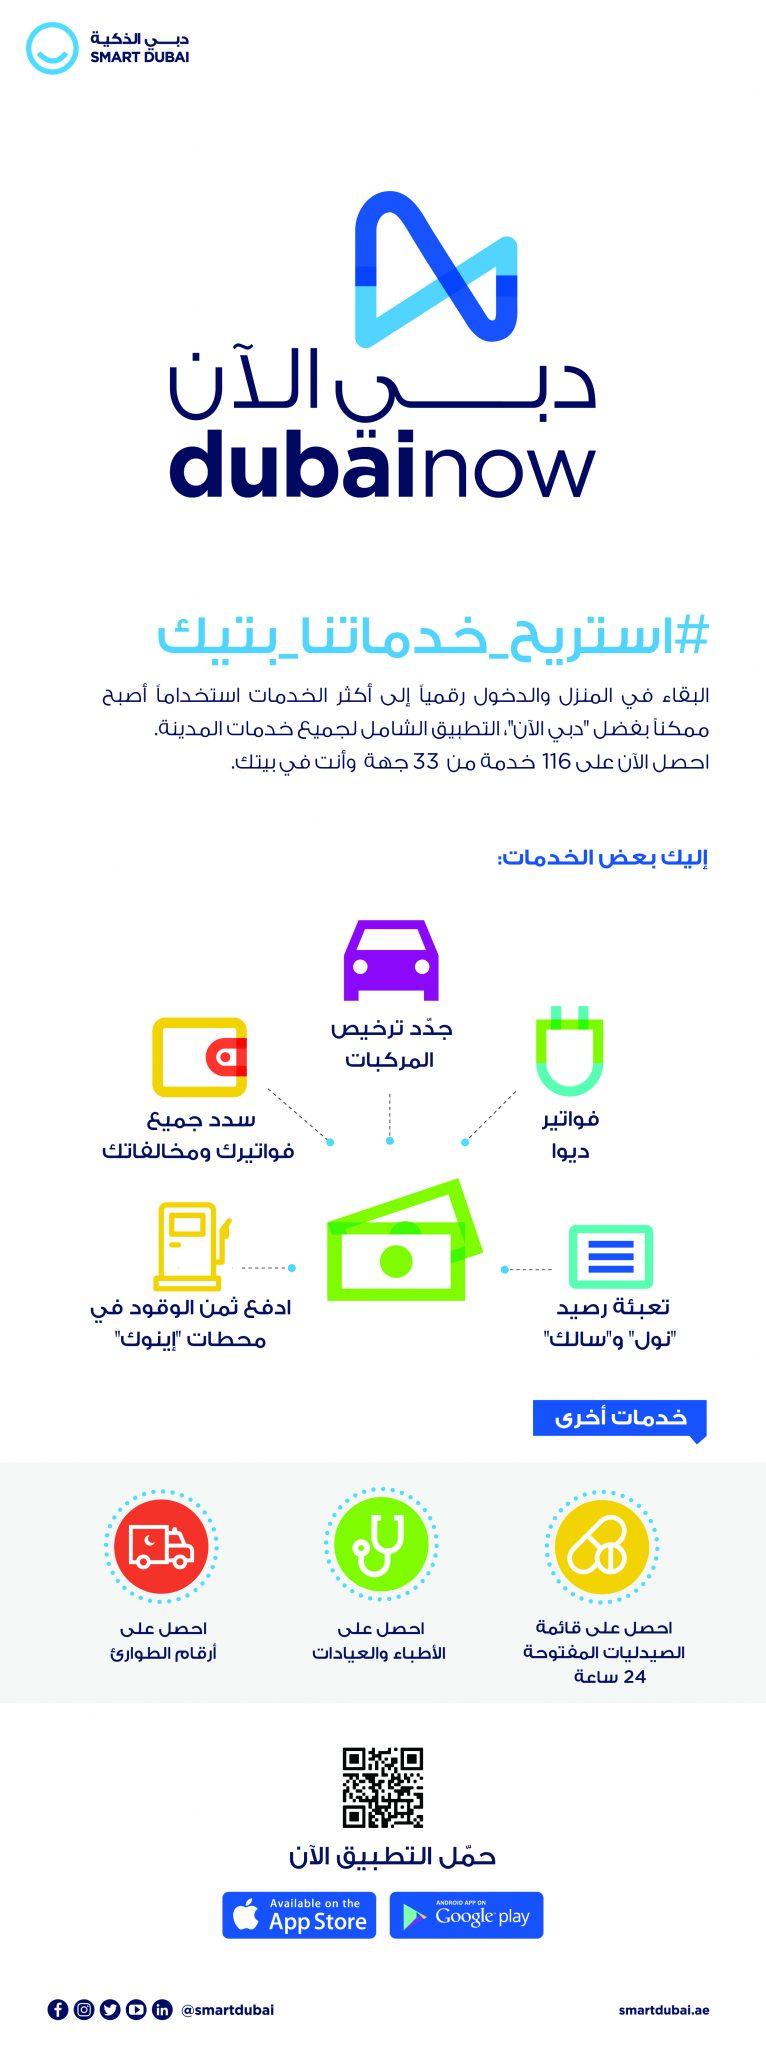 دبي الذكية